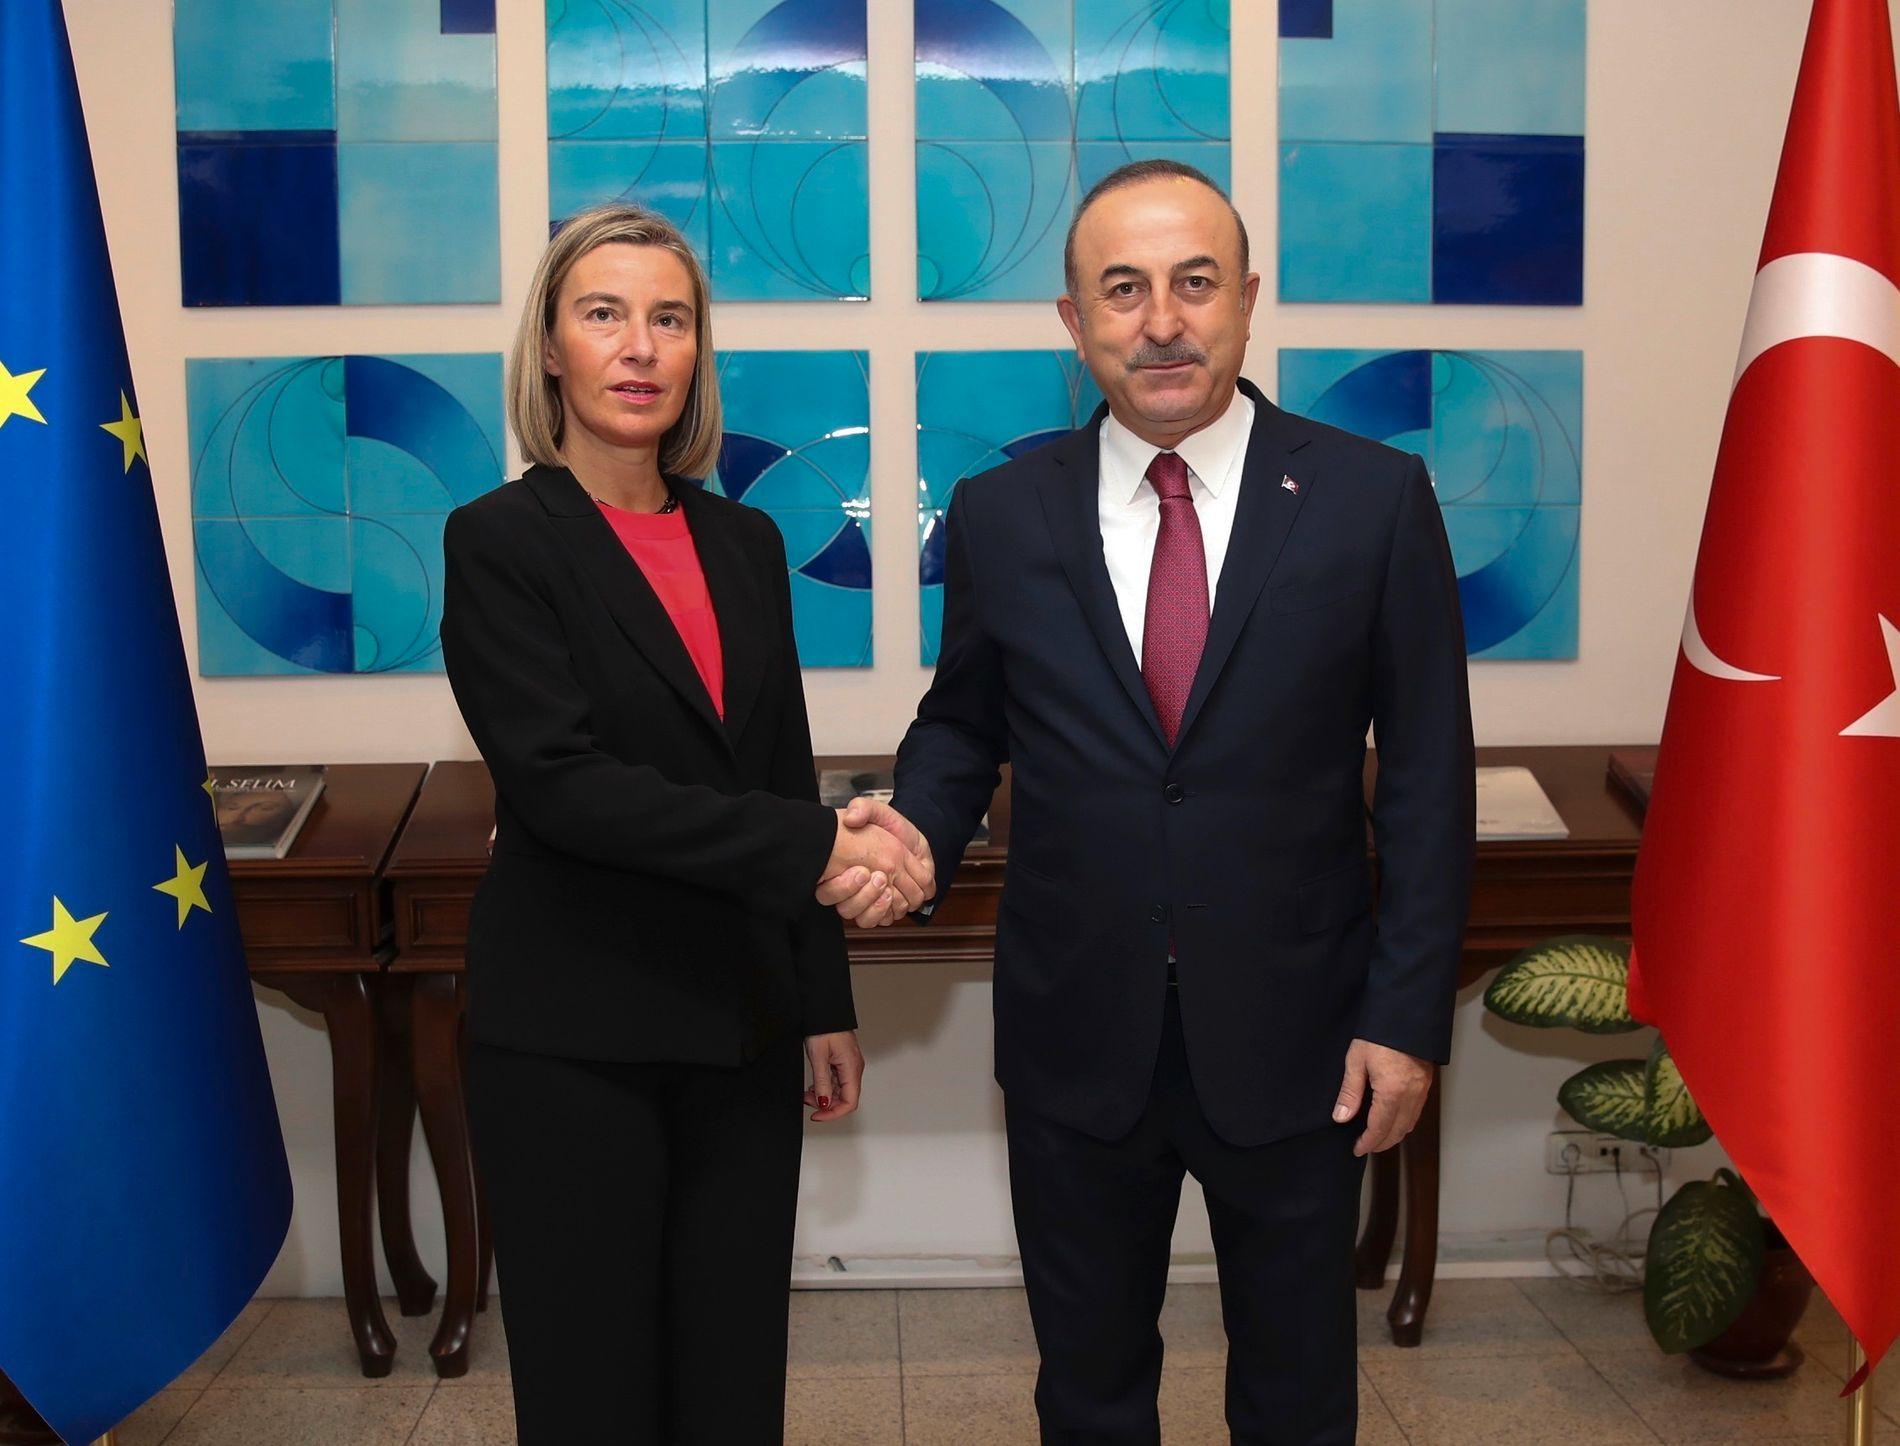 f62460f0 SKAL FORHANDLE: Federica Mogherini, visepresident i EU-kommisjonen på plass  hos den tyrkiske utenriksminister Mevlüt Çavusoglu torsdag morgen.